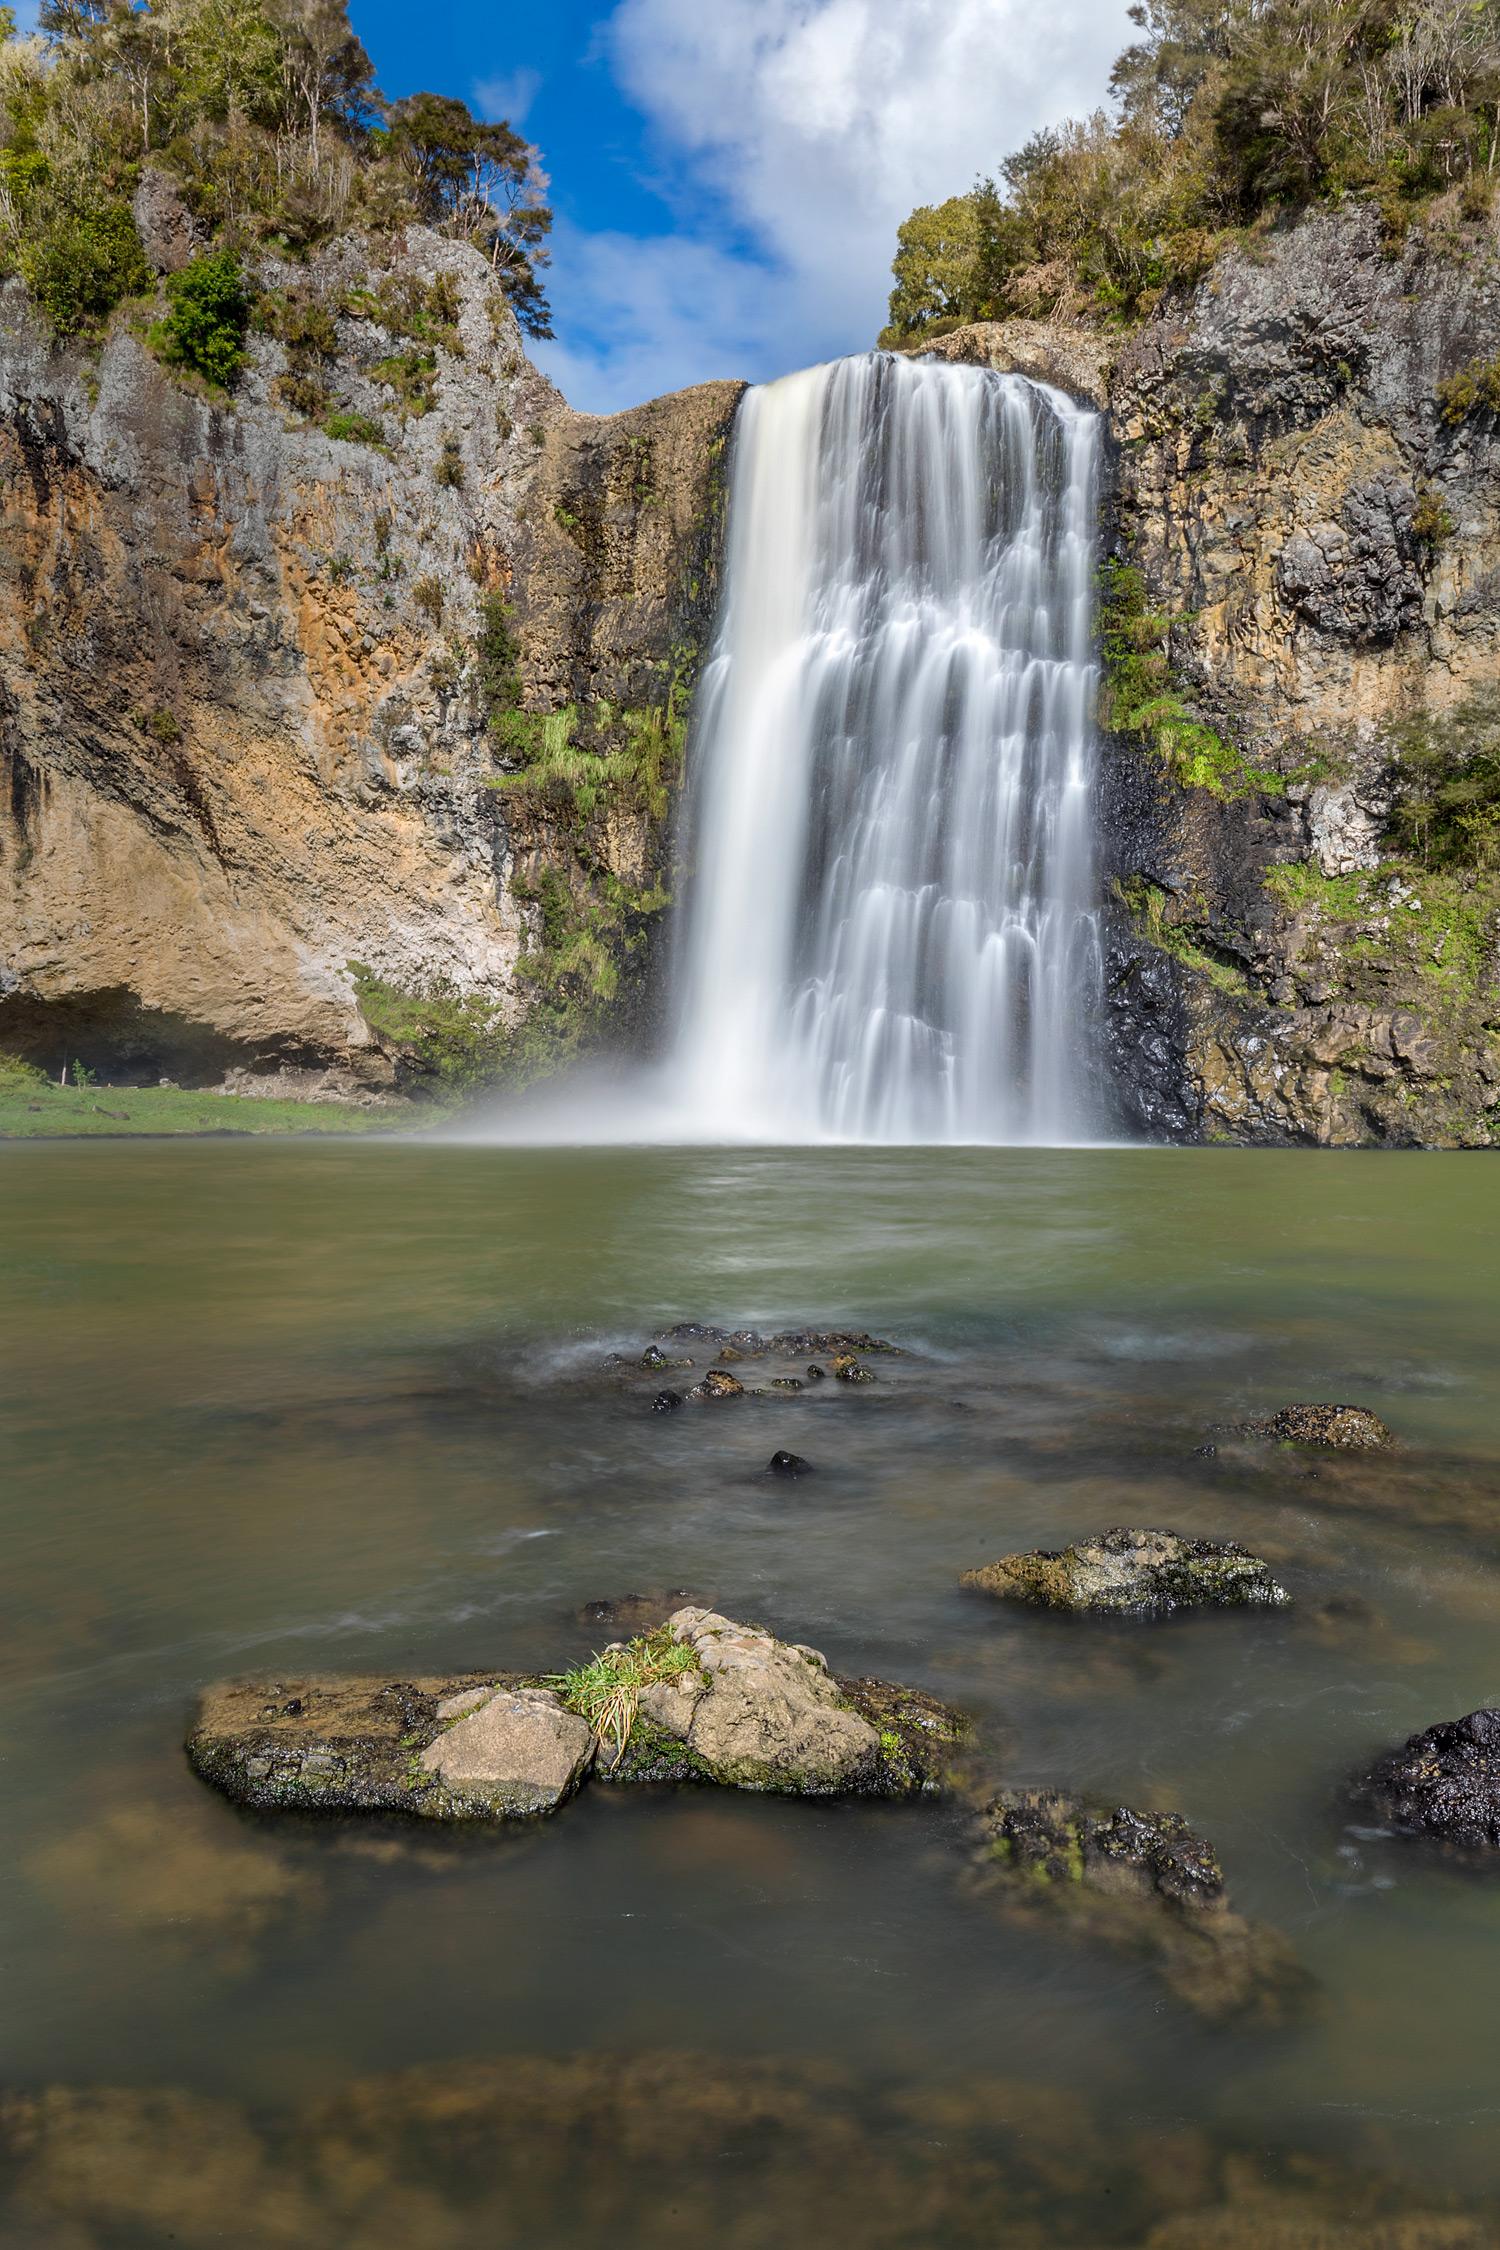 Hunua Falls Portrait | 31mm | 2x exposure blend @ 0.5 and 2 sec | f22 | ISO100